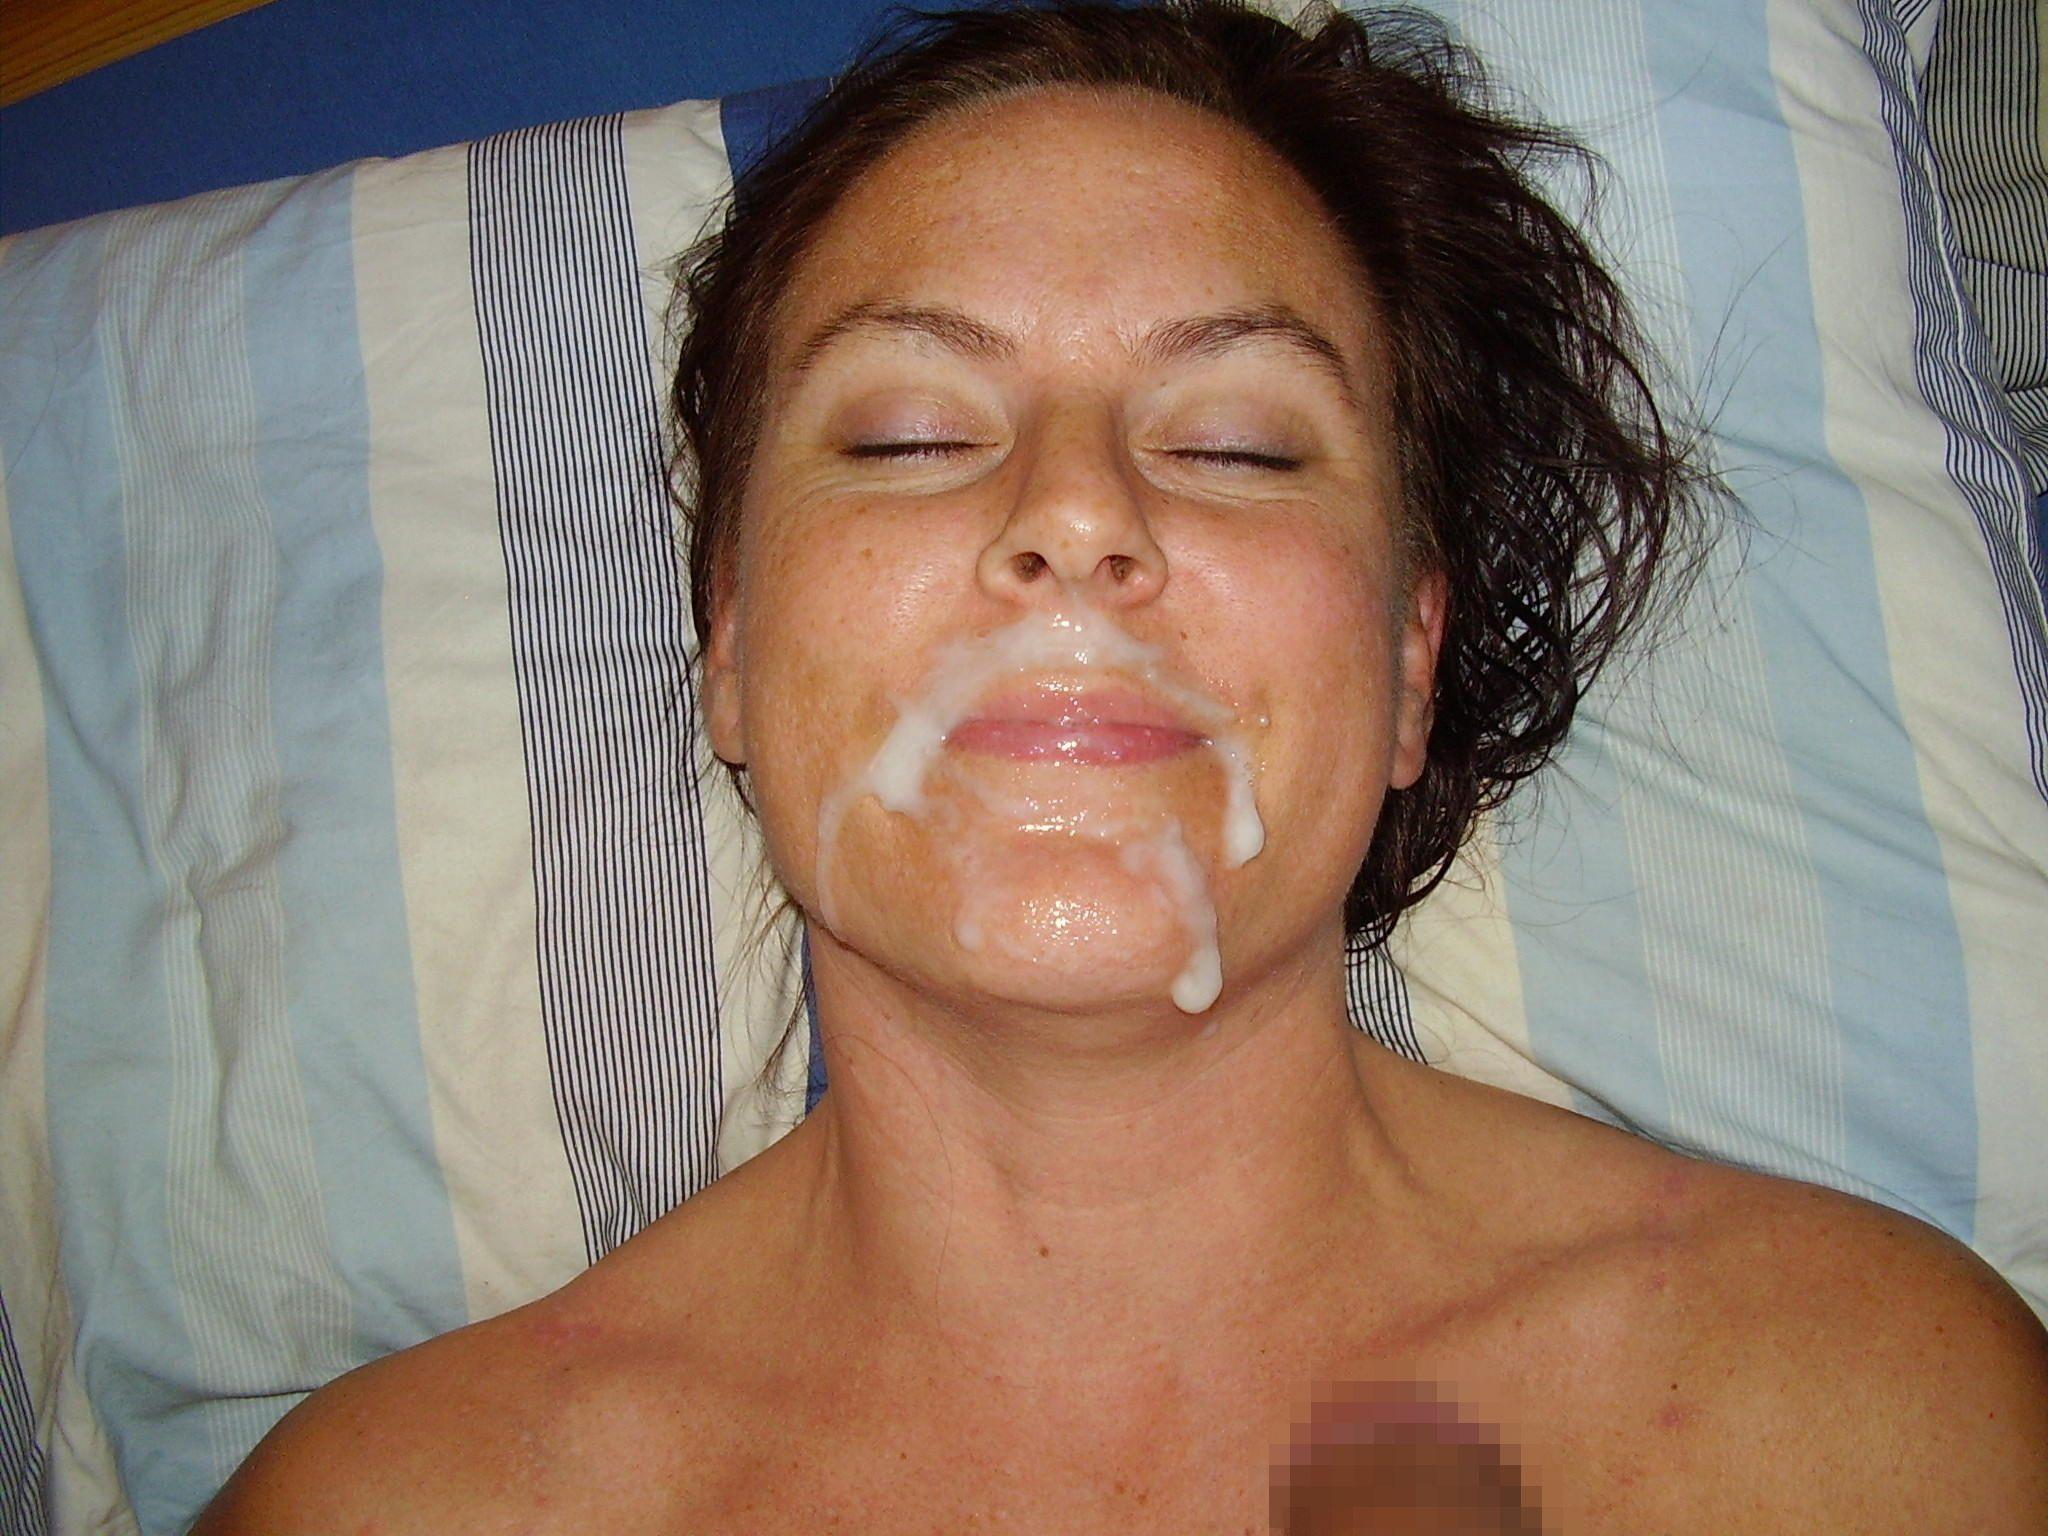 человек лица женщин в сперме интим фото имела права писать